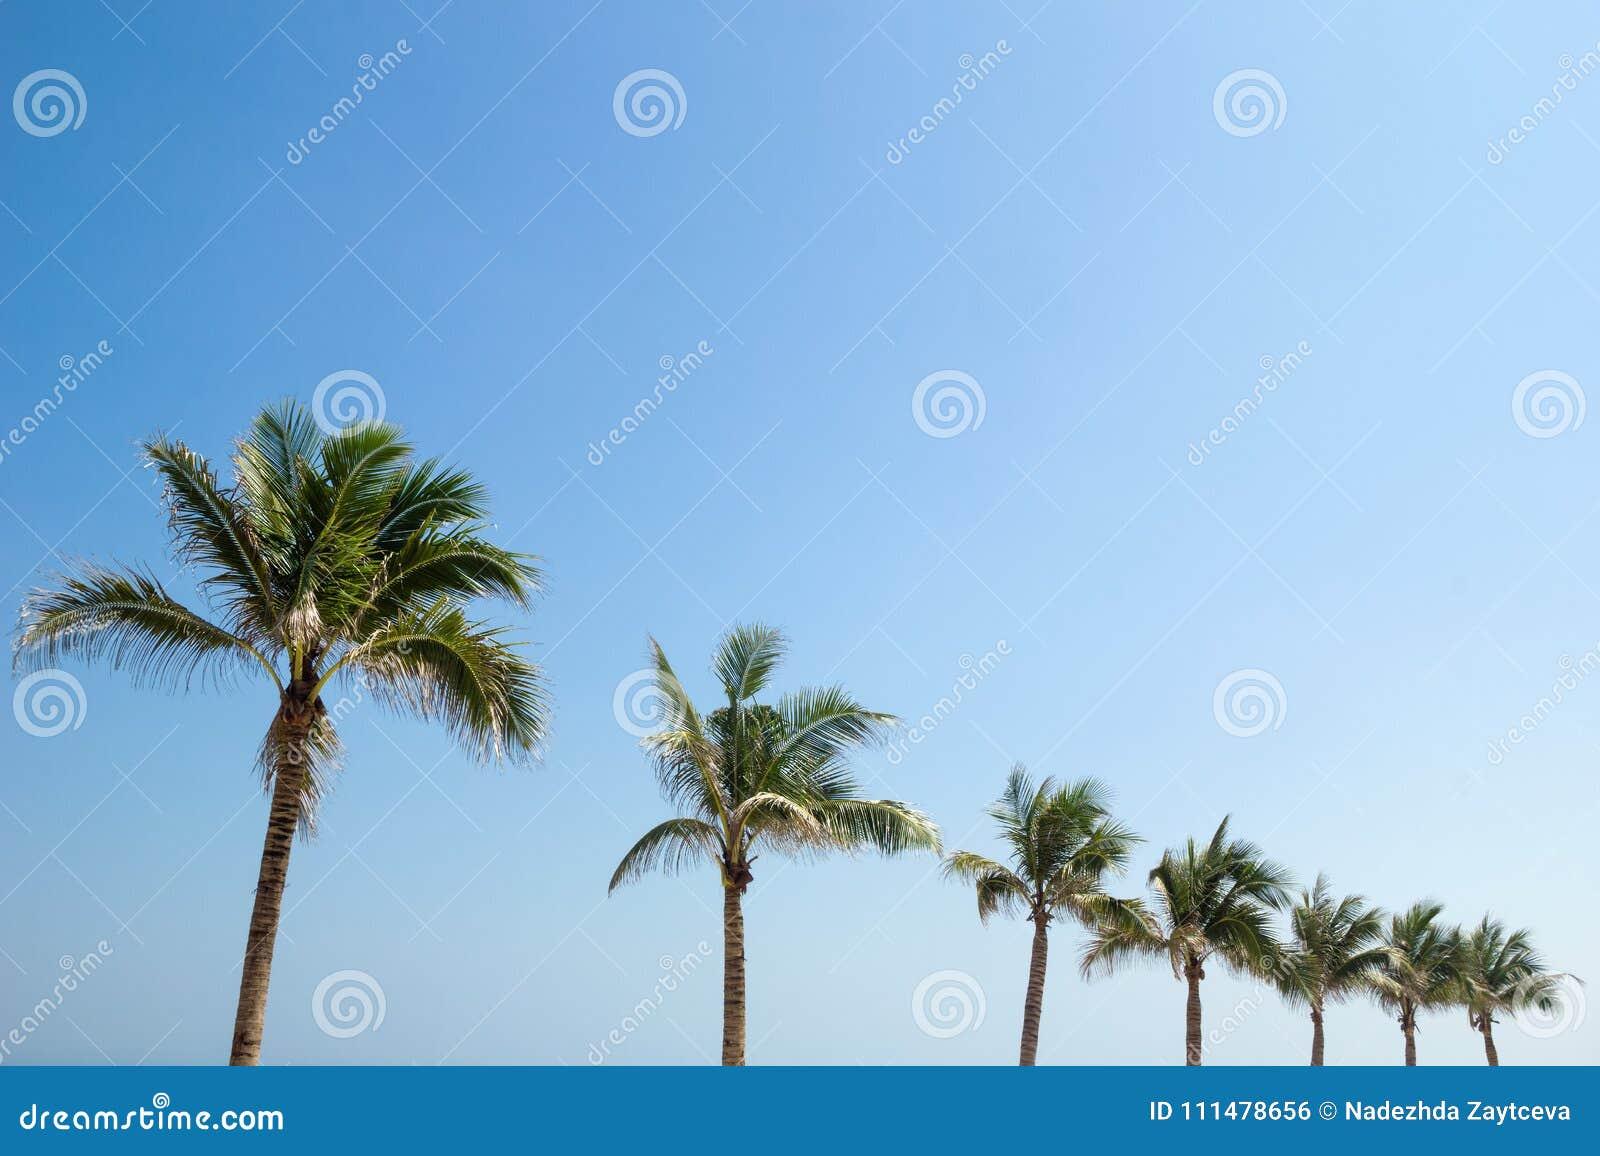 Drzewka palmowe na tle niebieskie niebo